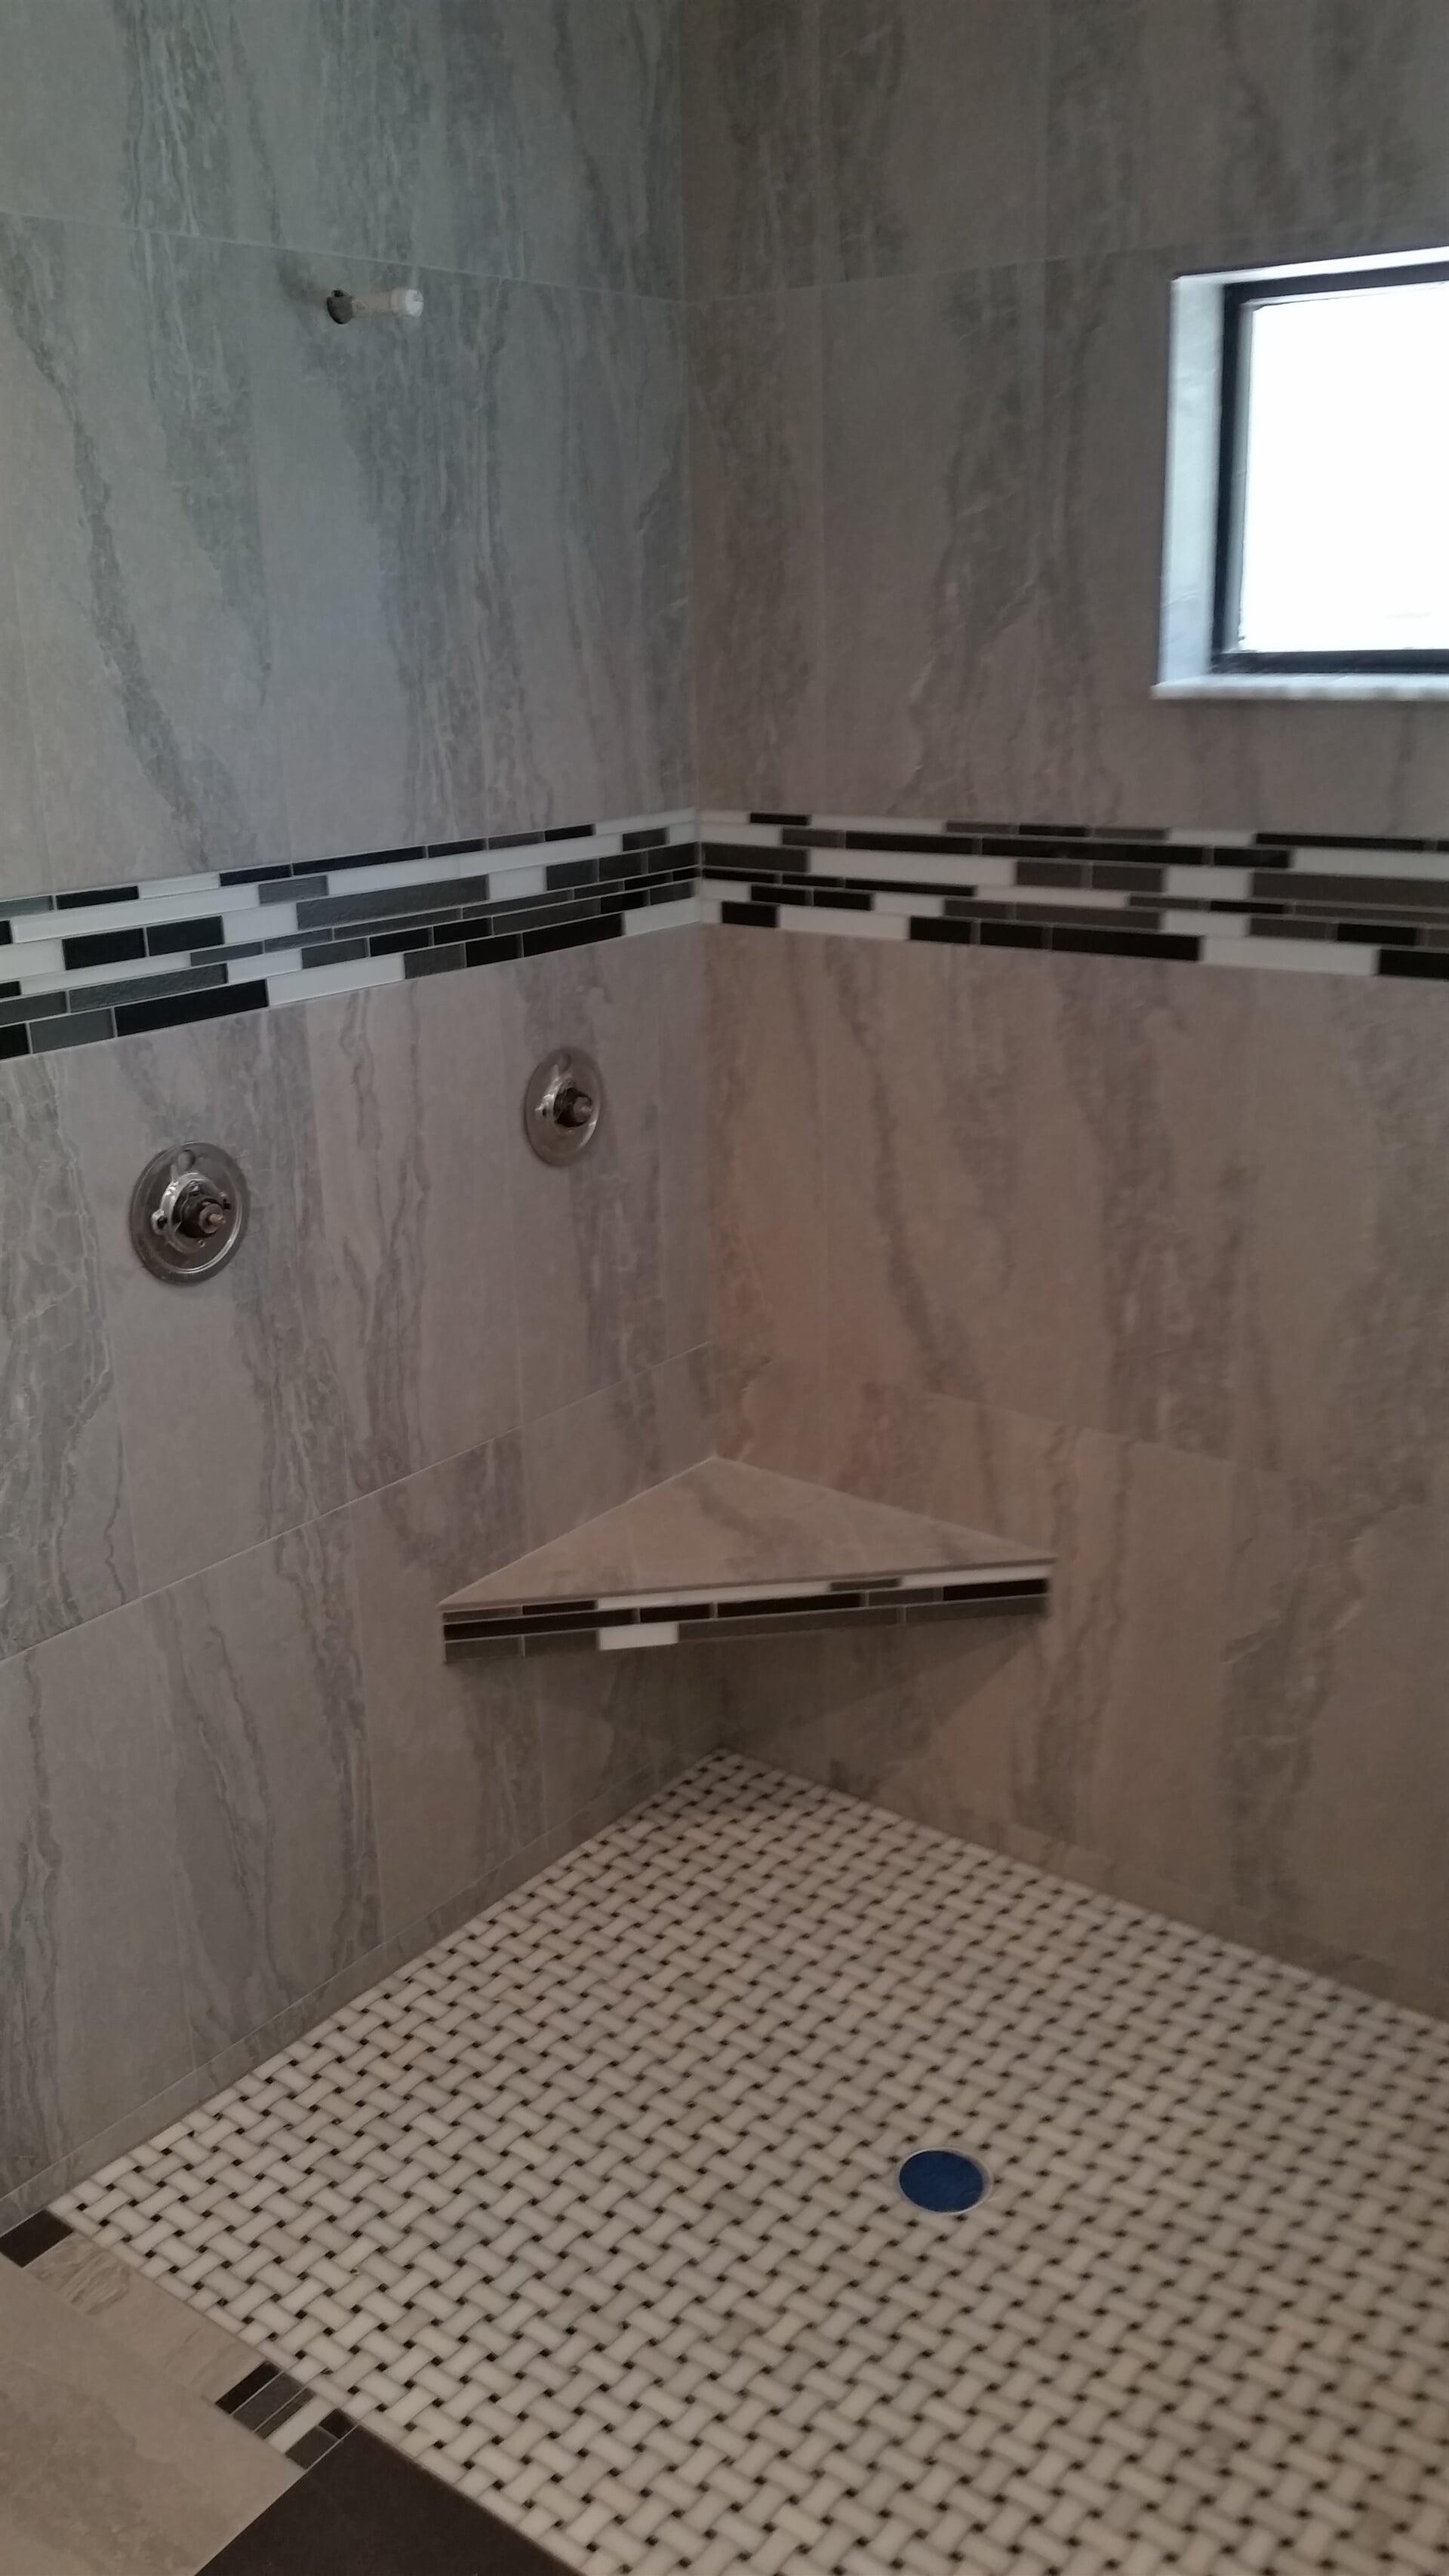 Black and white shower design in Dunedin, FL from Floor Depot